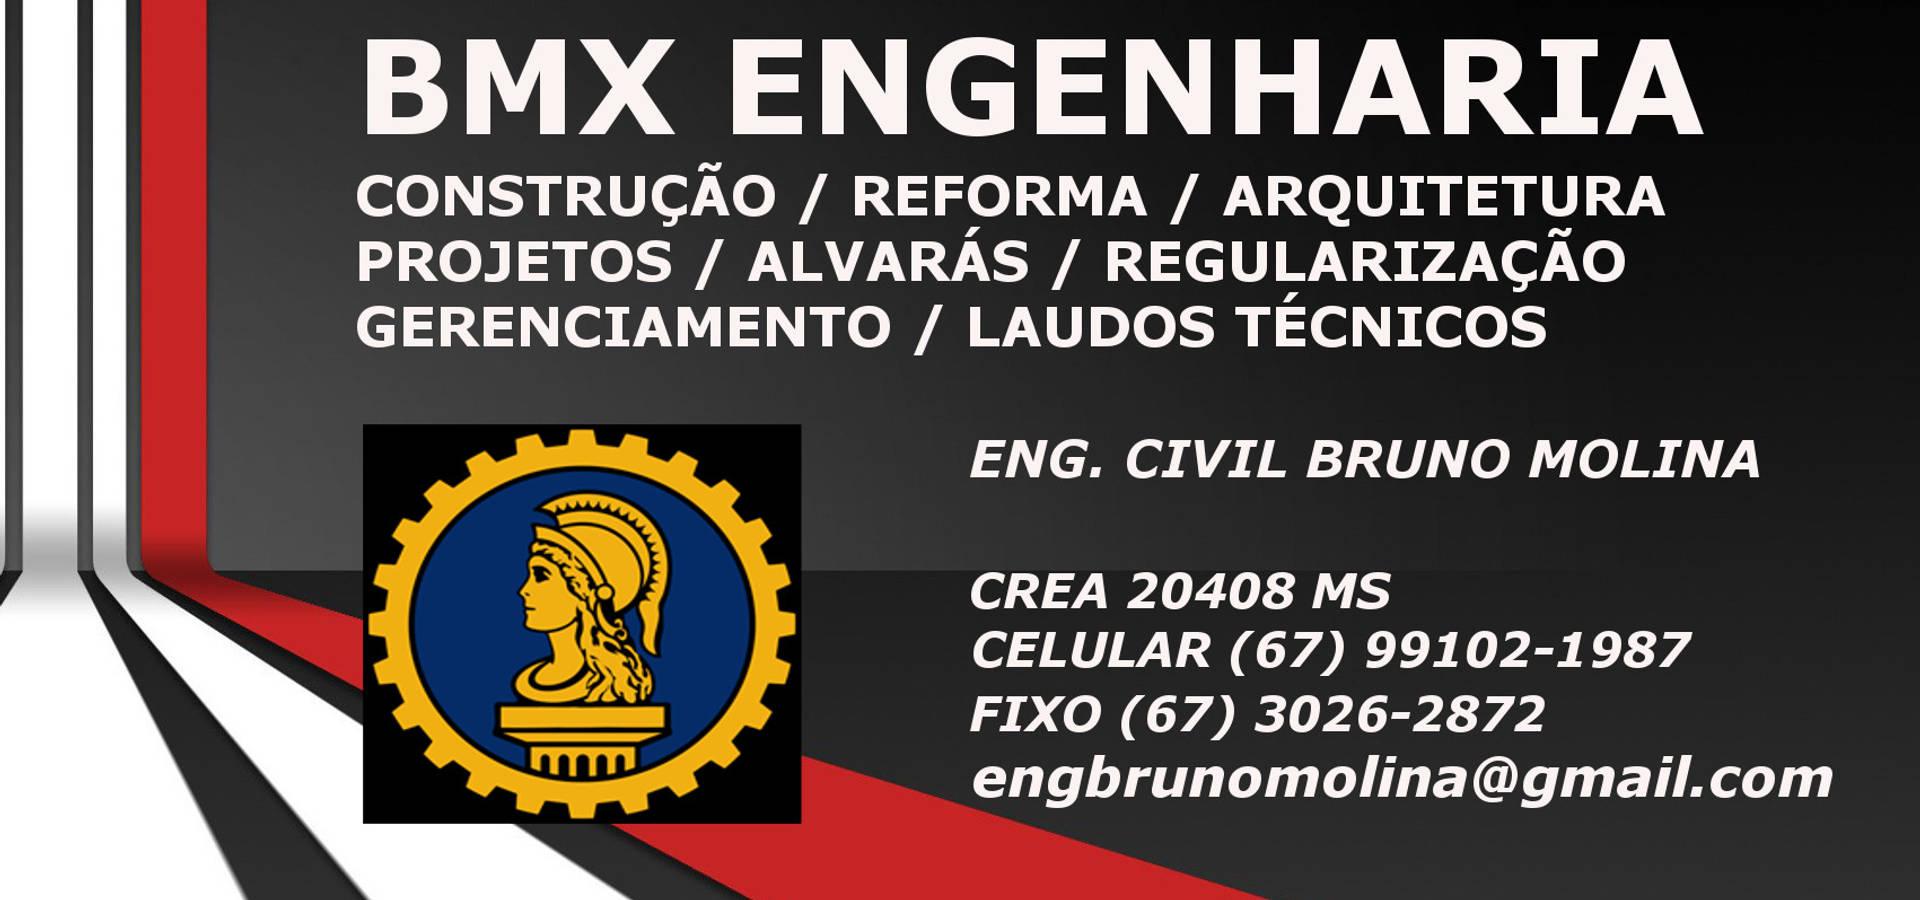 BMX Engenharia